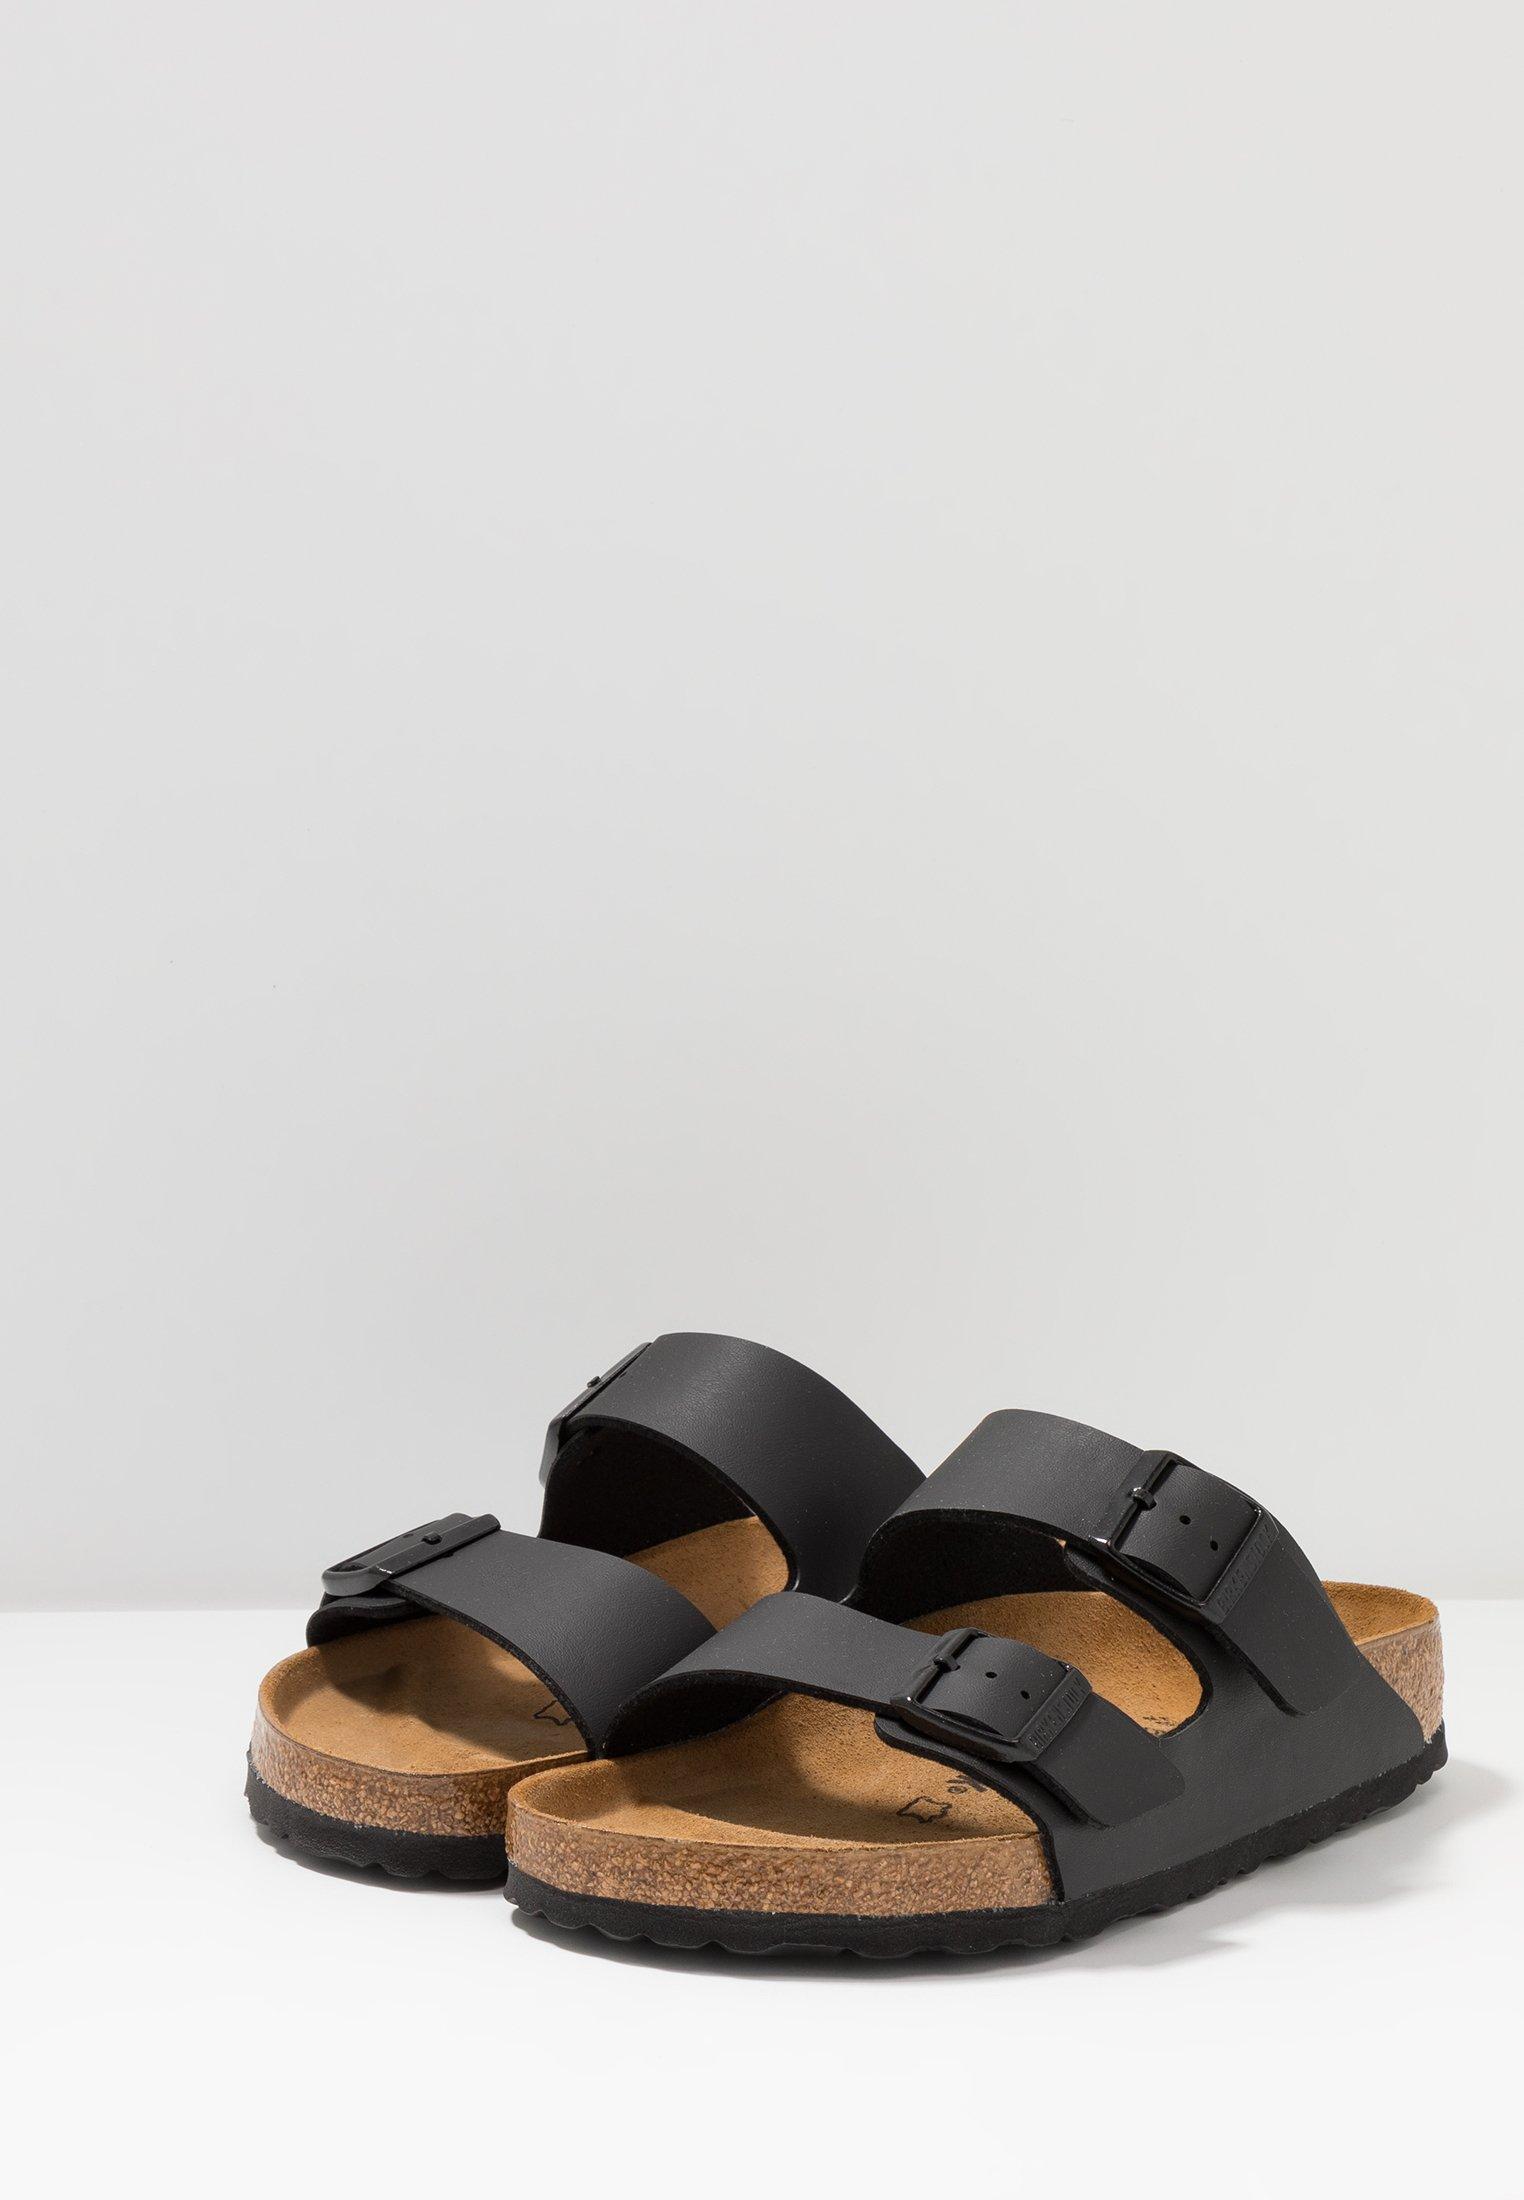 Venta al por mayor Birkenstock ARIZONA - Sandalias planas - black | Zapatillas de hombre 2020 TofmV